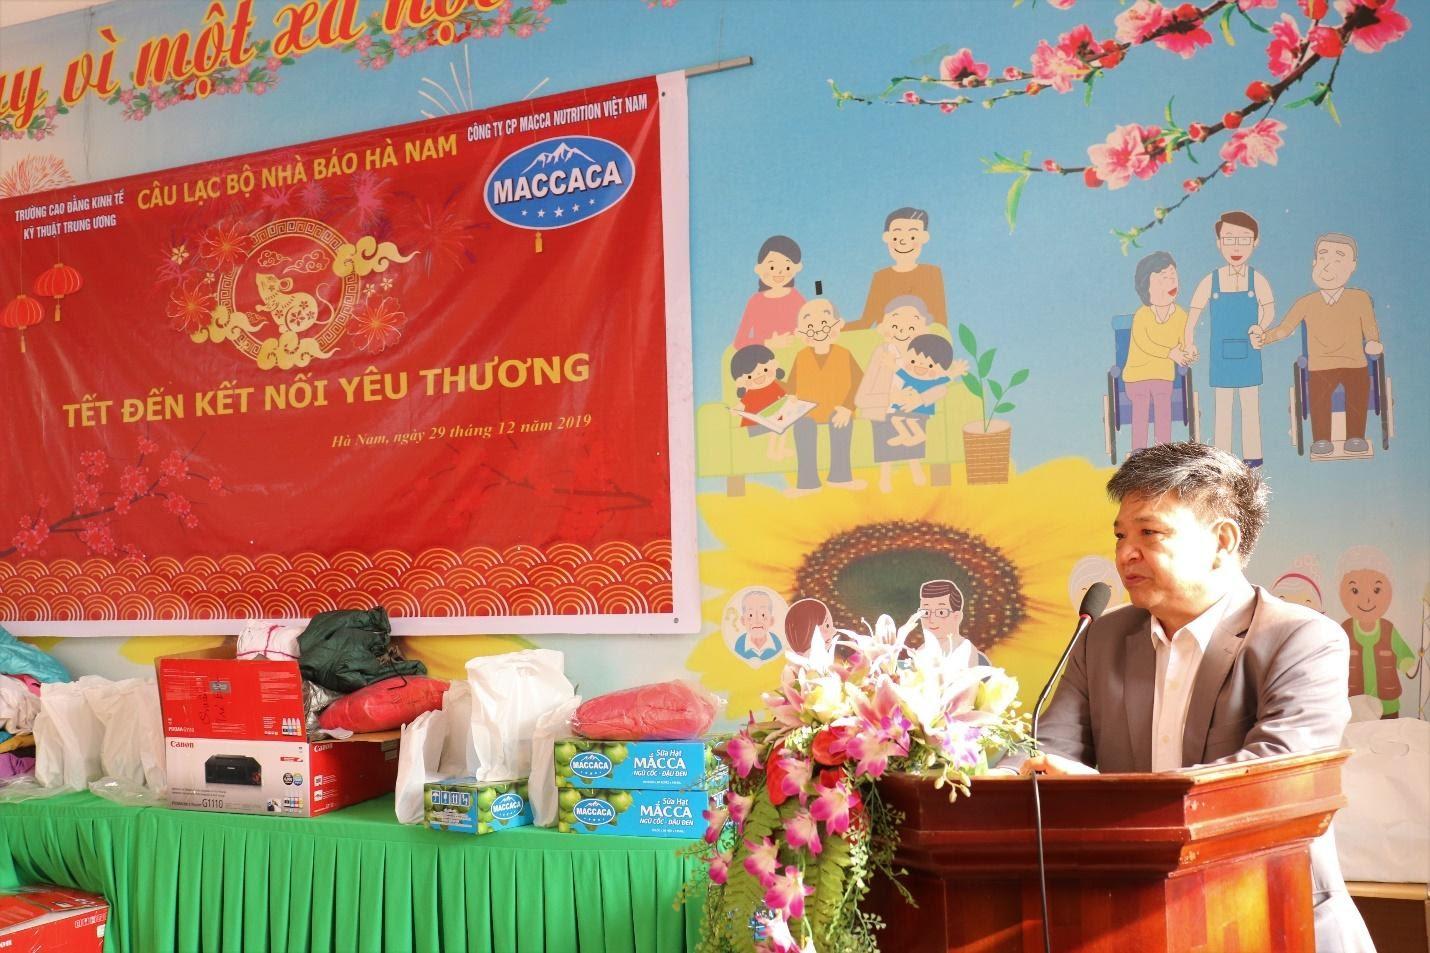 Công ty Macca Nutrition tổ chức thăm và tặng quà tại Trung tâm công tác xã hội tỉnh Hà Nam - Ảnh 2